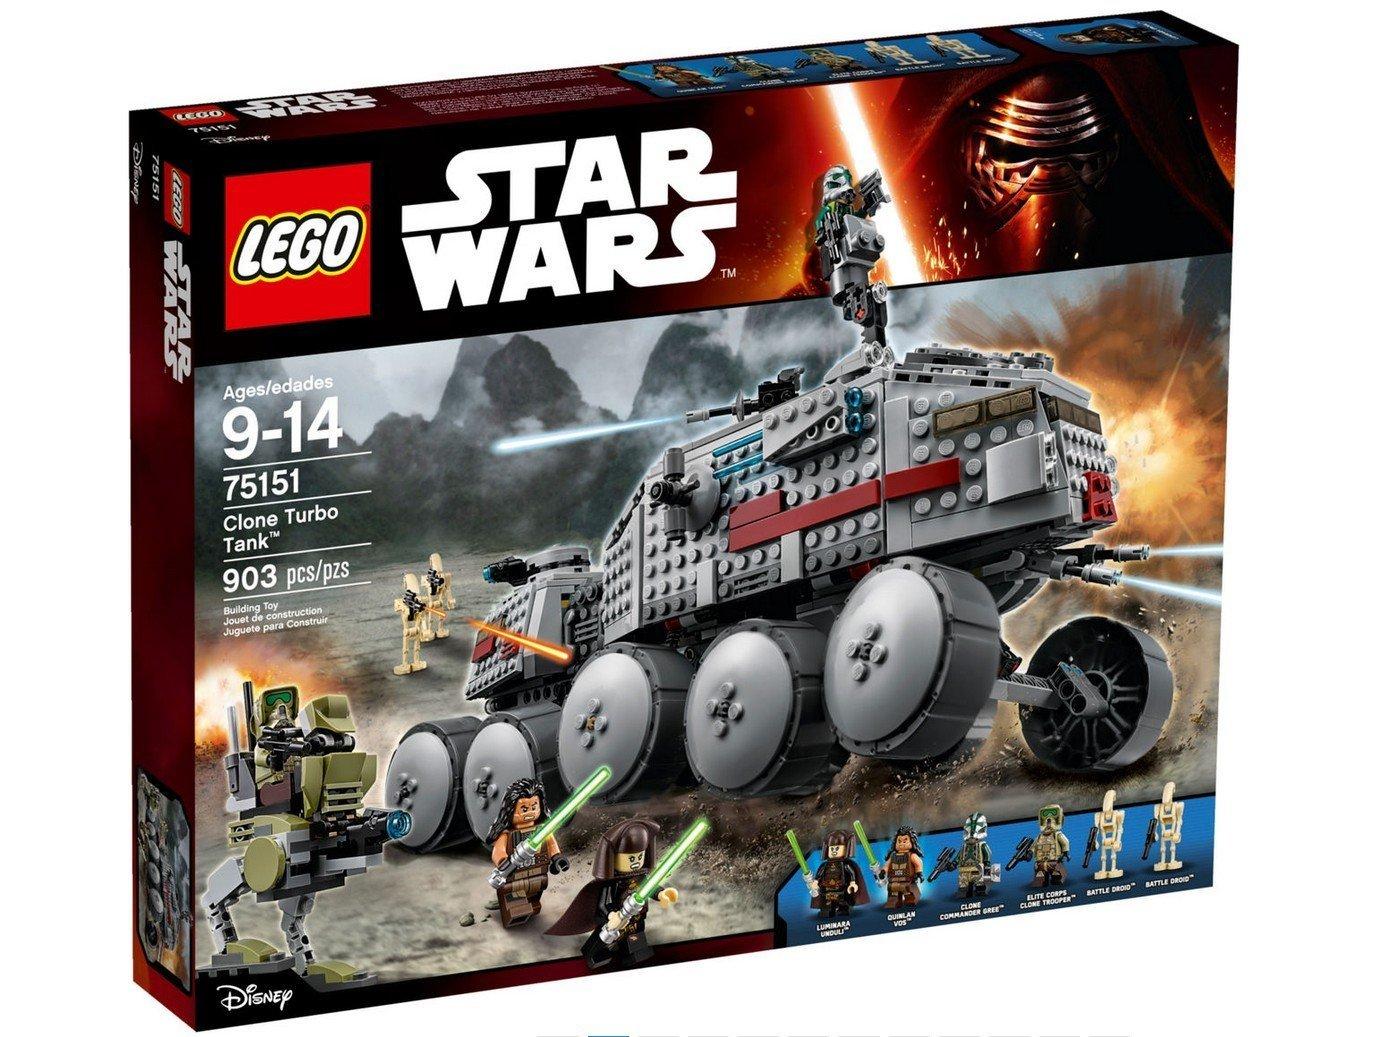 LEGO Star Wars 75151 Clone Turbo Tank für 29€ inkl VSK @ Amazon.co.uk nur für Prime Mitglieder